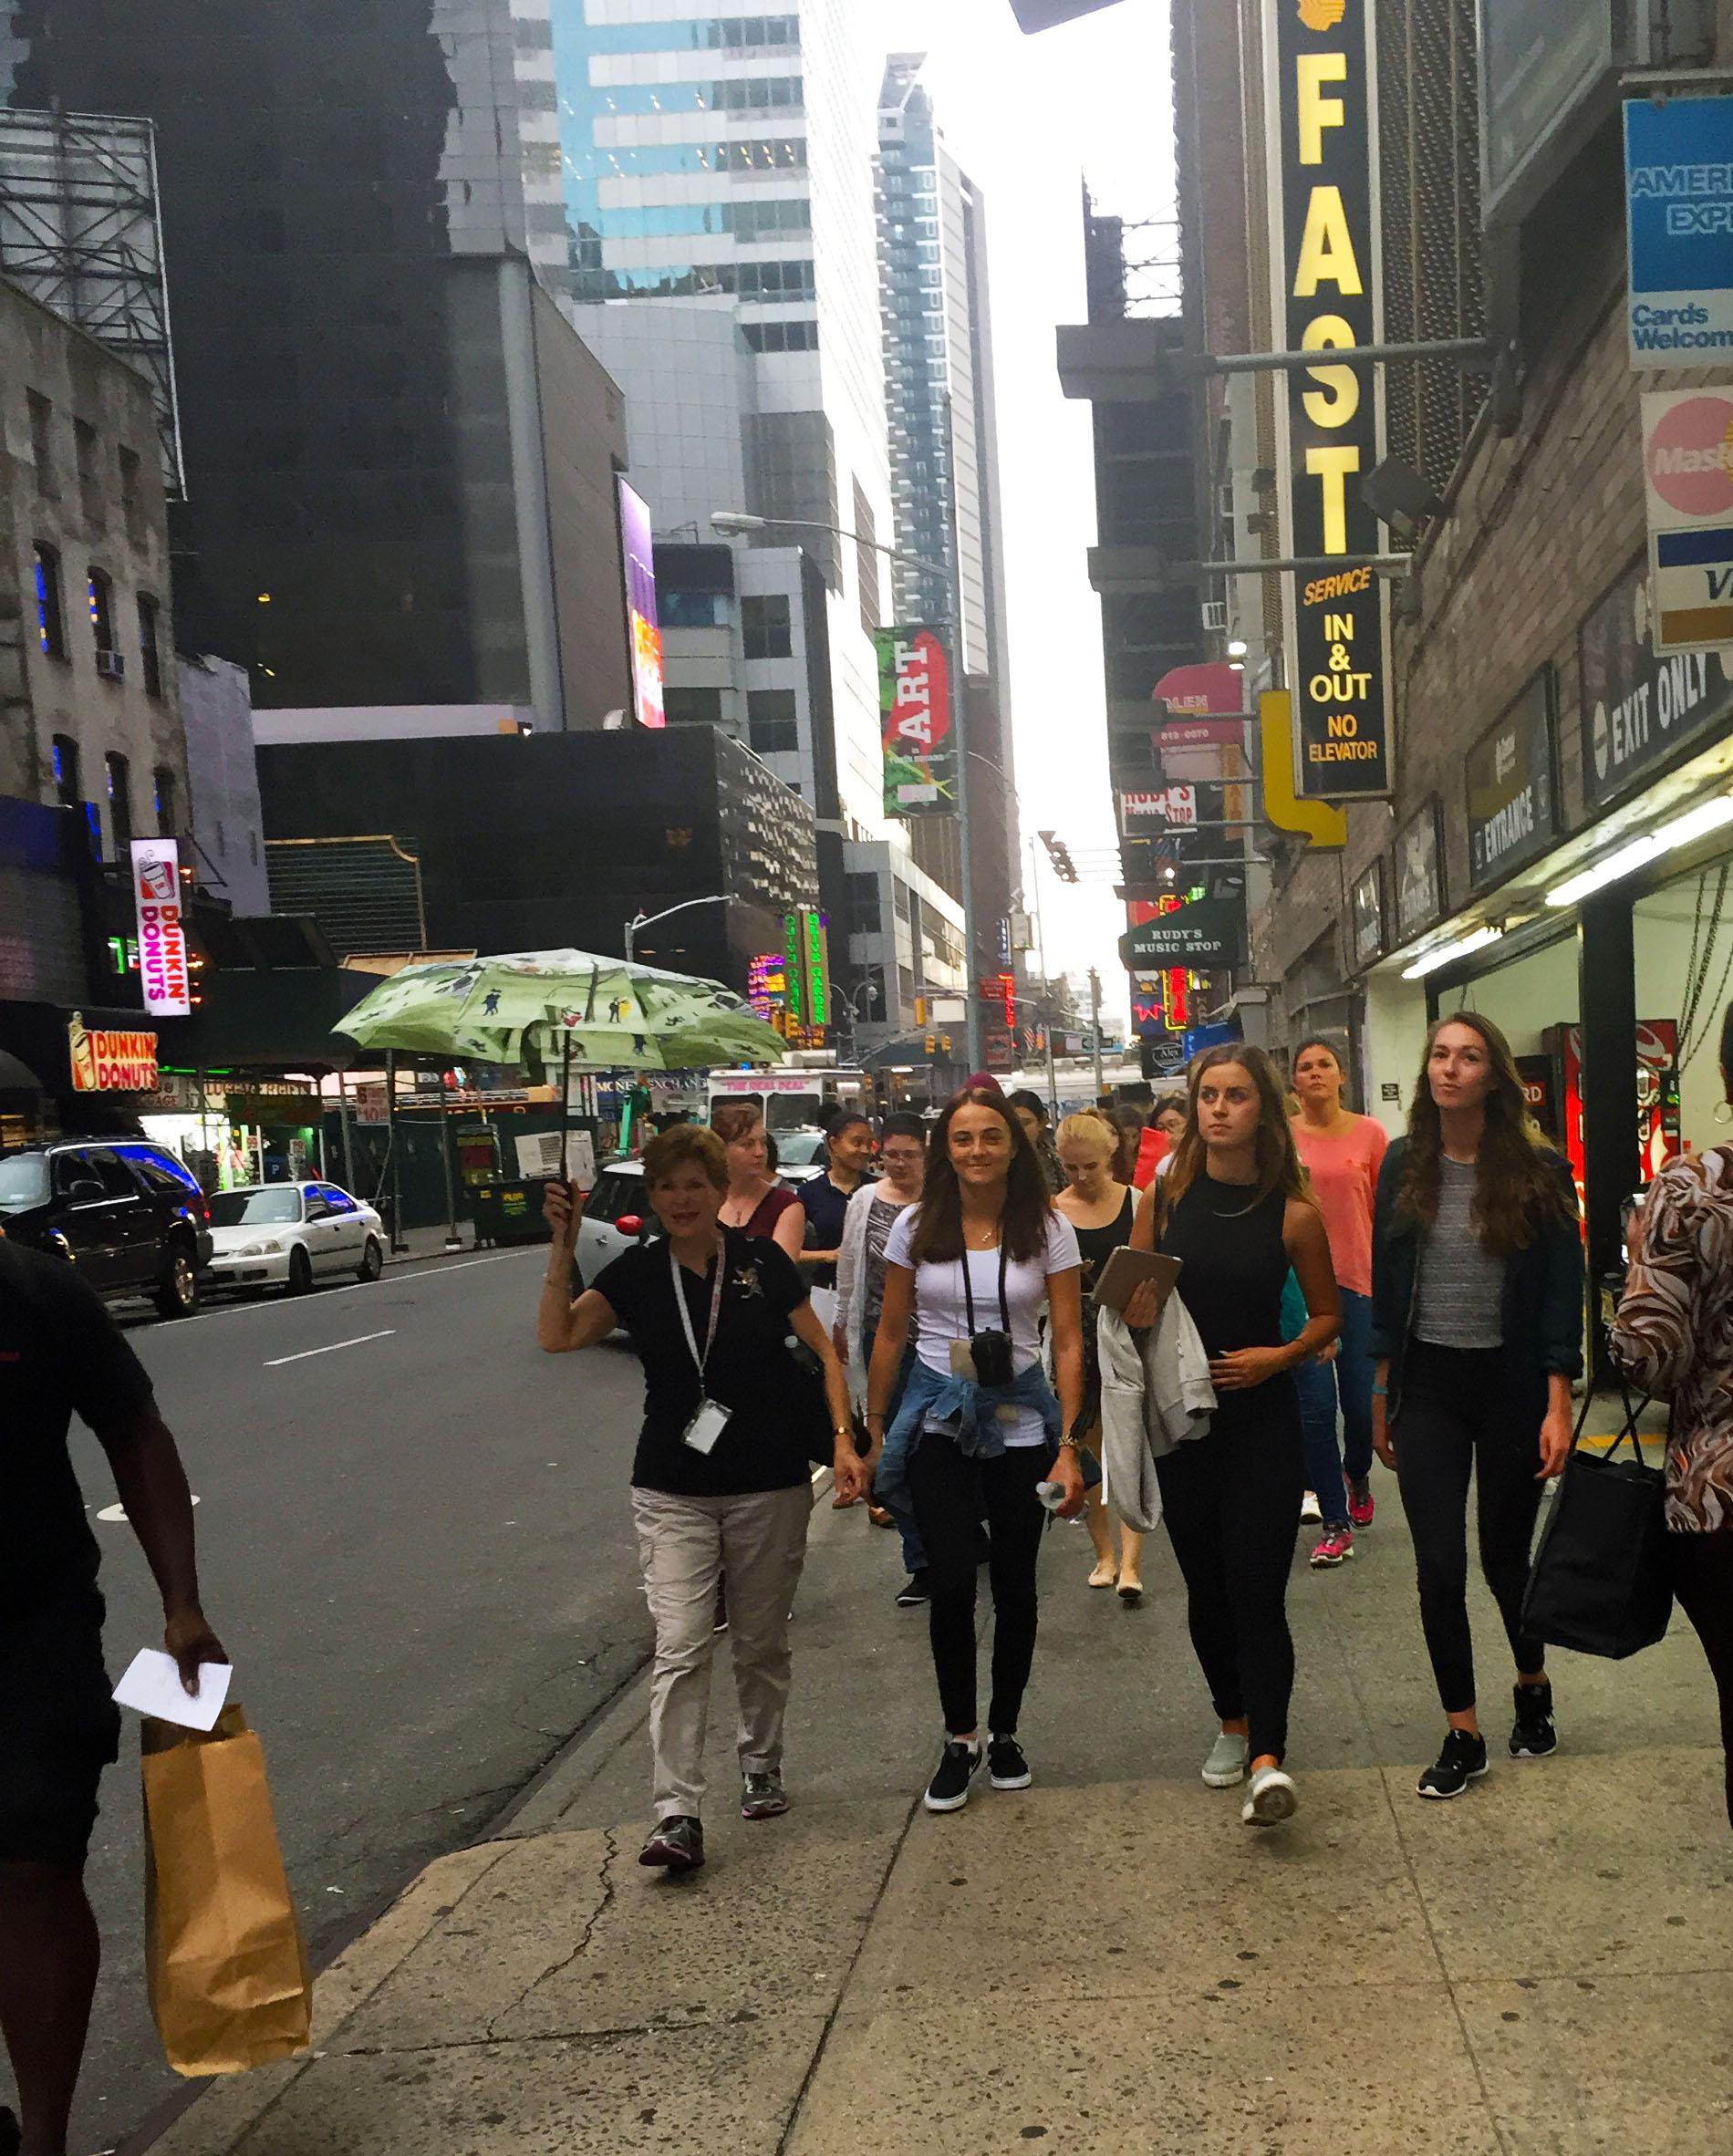 on our walking tour